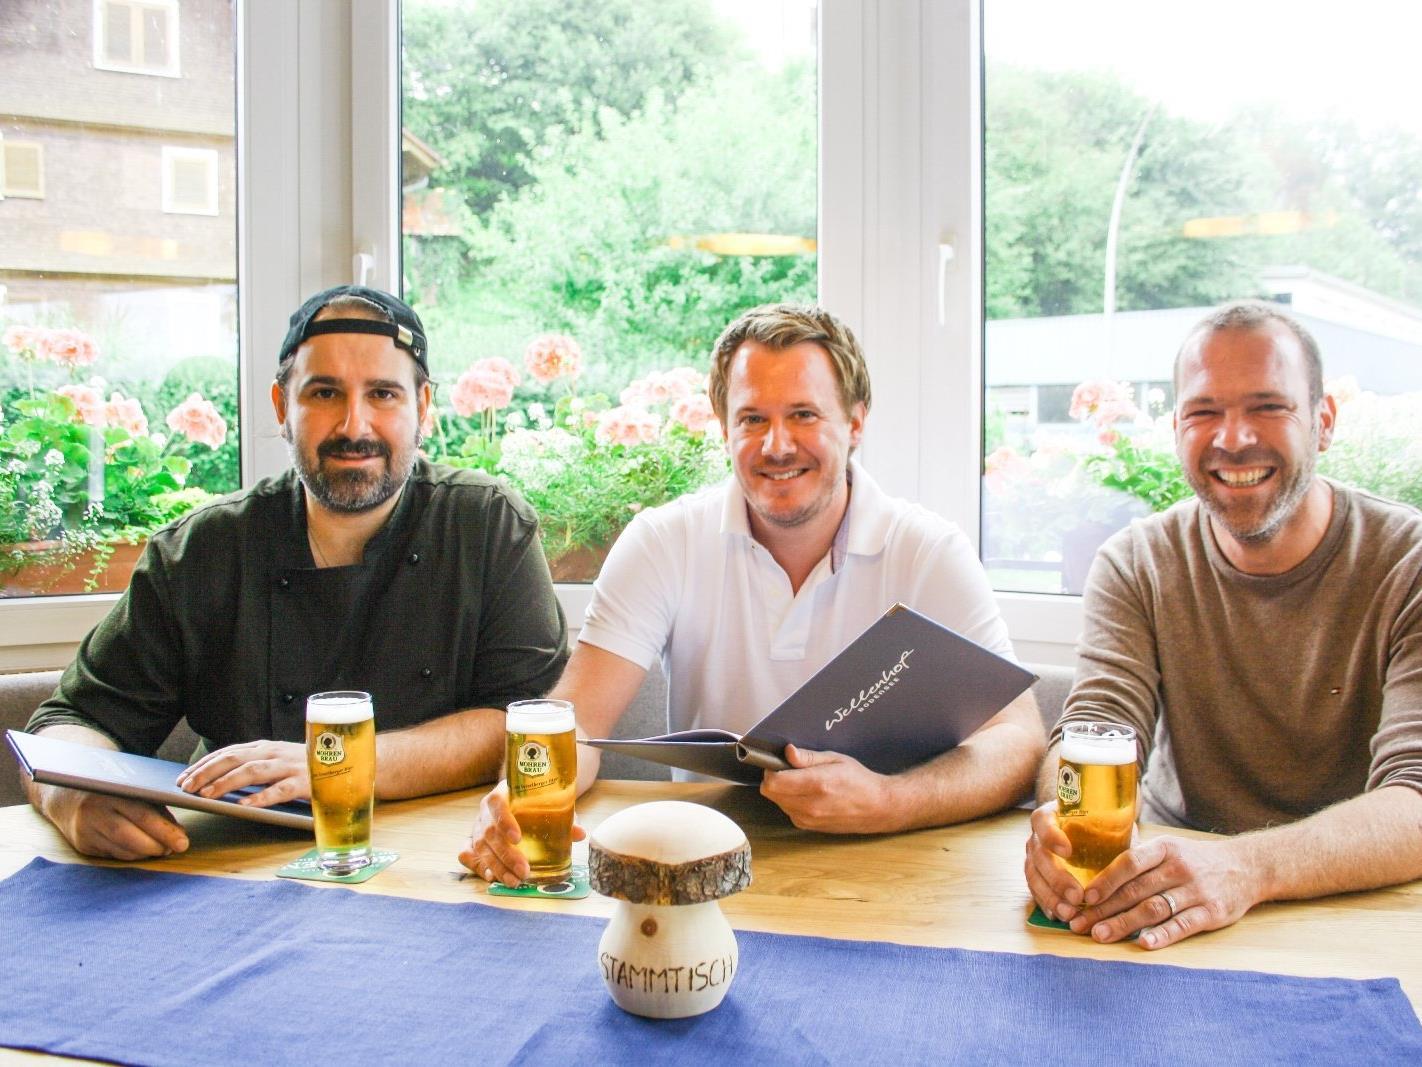 Mit dem Gasthof Wellenhof erfolgreich in ein neues Zeitalter: Küchenchef Ambros Gmeiner, Wellenhof-Wirt Oskar Pöll und Gastwirt Philipp Rainer vom Brauereigasthof Reiner, von links.